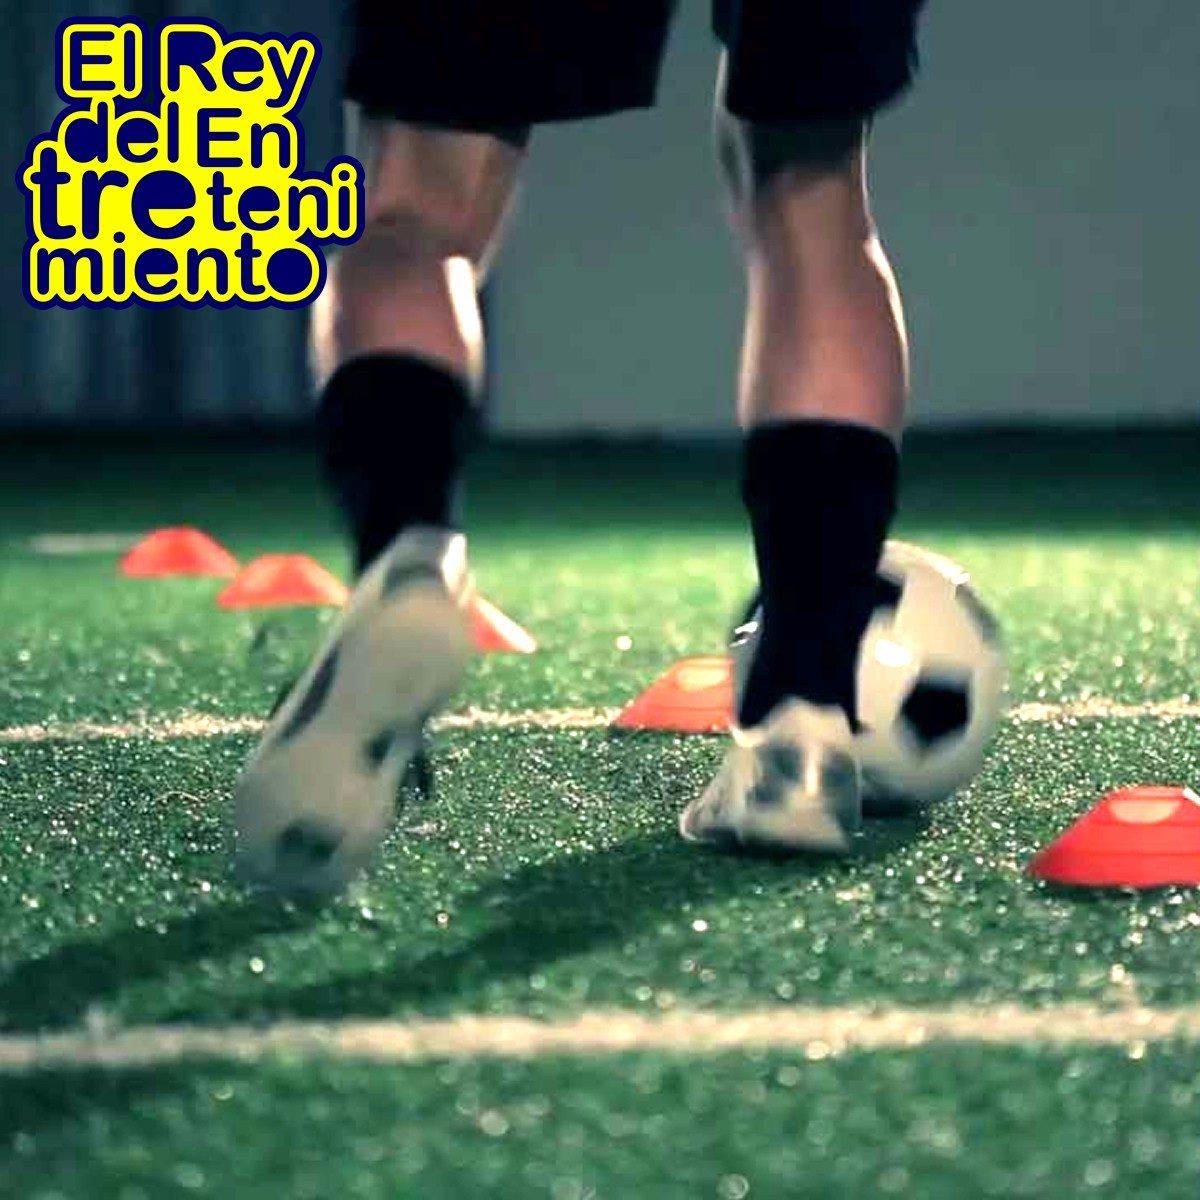 a51098812c38c cono tortuga flexible entrenamiento futbol rollers - el rey. Cargando zoom.